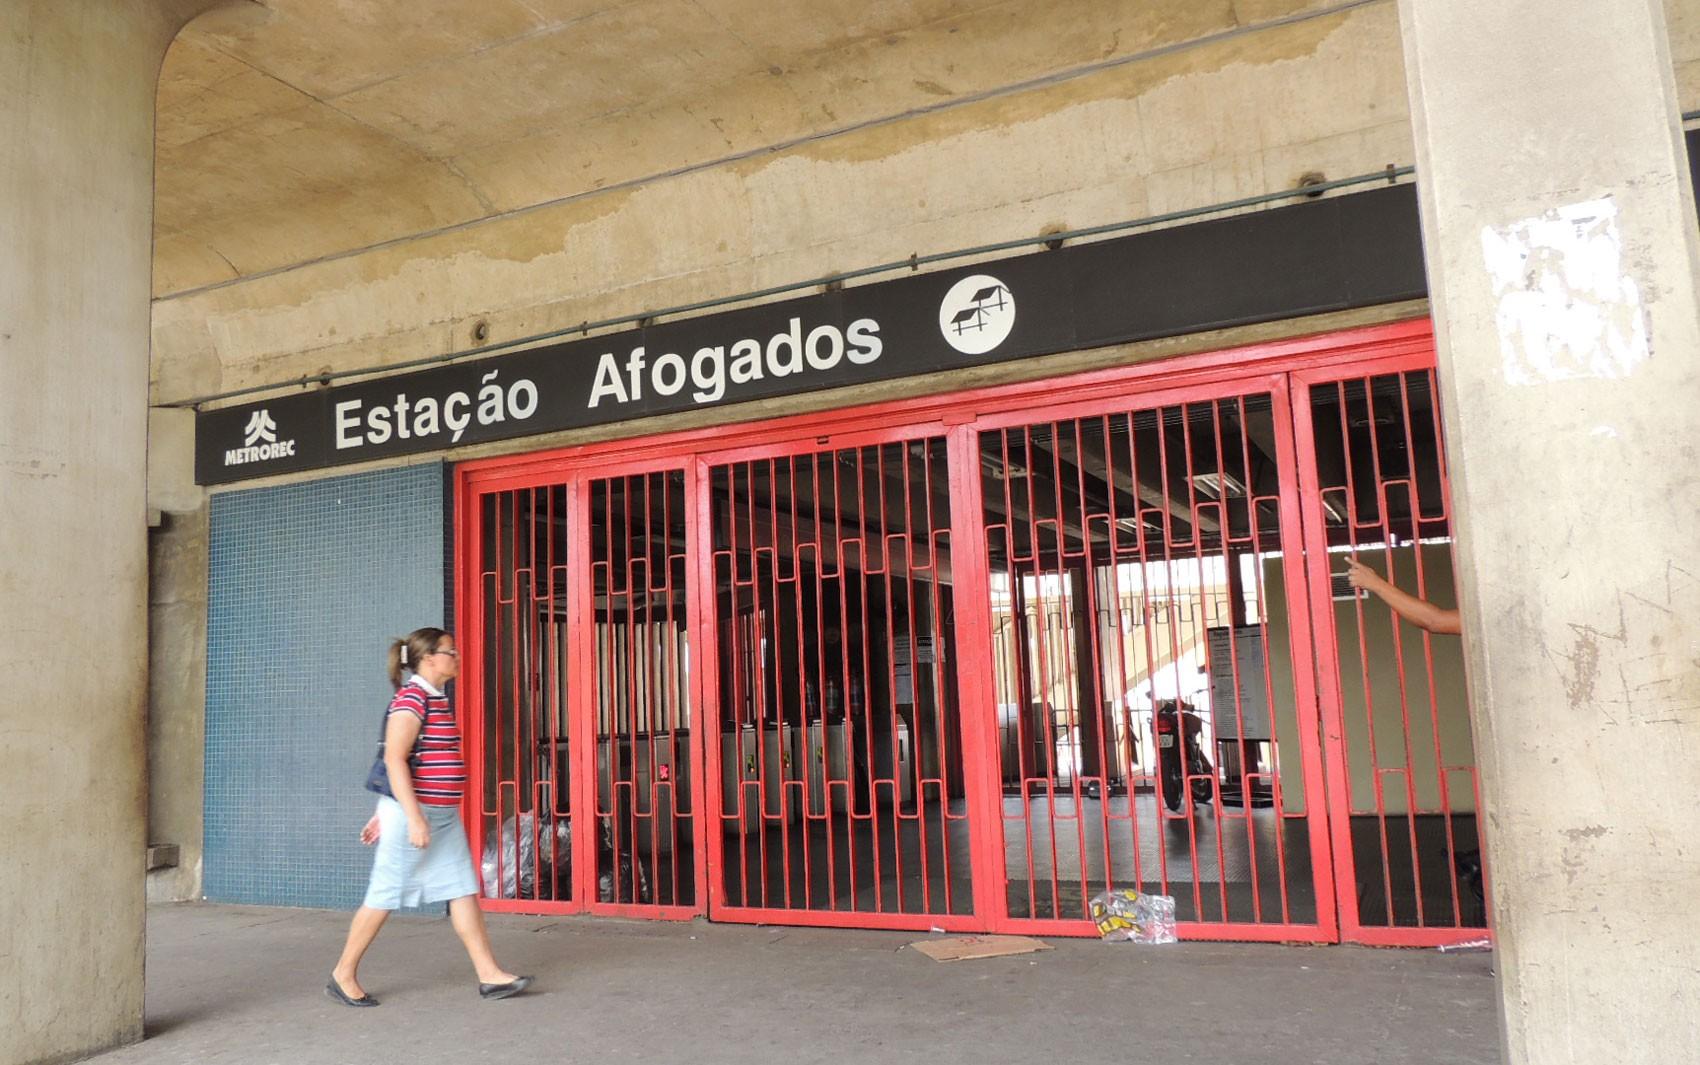 Integração temporal começa a valer no sentido metrô-ônibus no Terminal Integrado Afogados